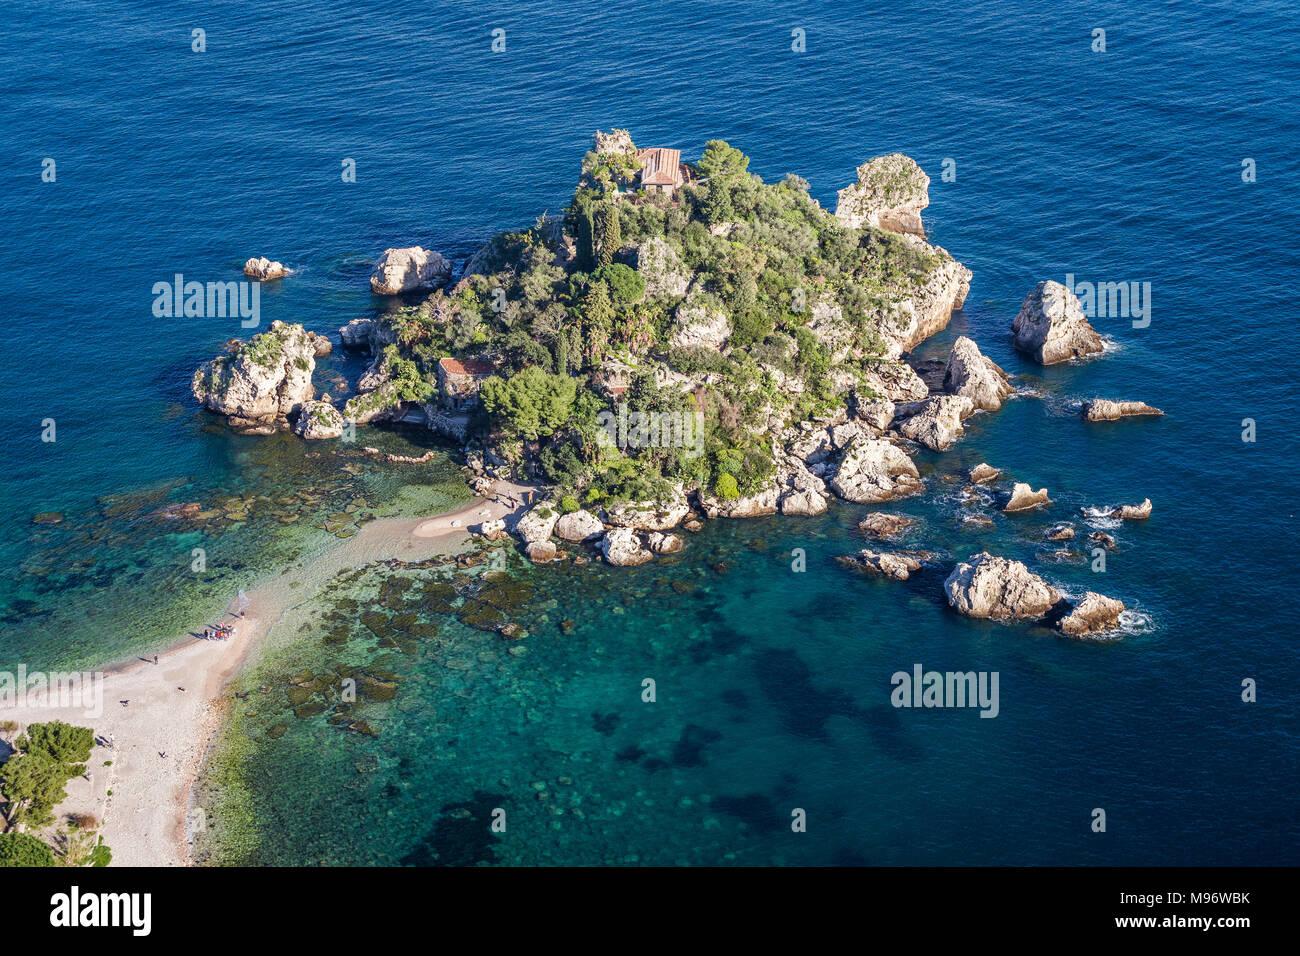 Insel Isola Bella bei Taormina, Sizilien. Manchmal ist die Tide schafft ein kleiner Pfad mit dem Festland. Stockbild